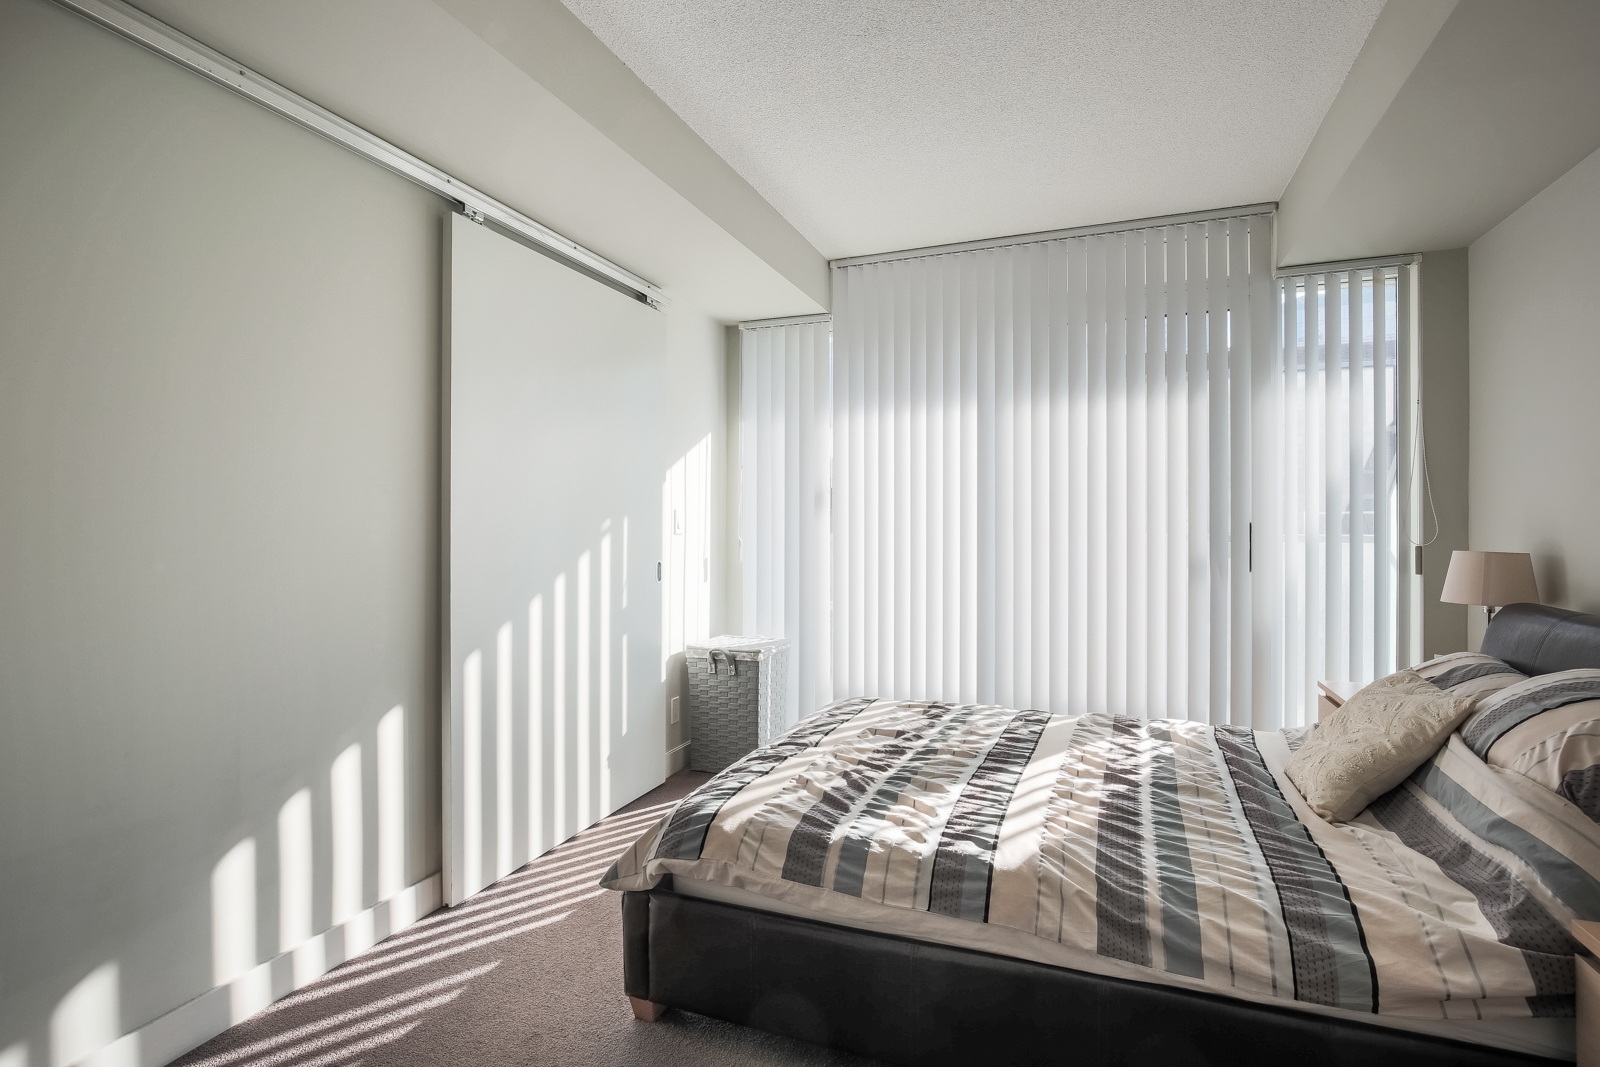 Toronto condo bedroom Spacious bedroom photo